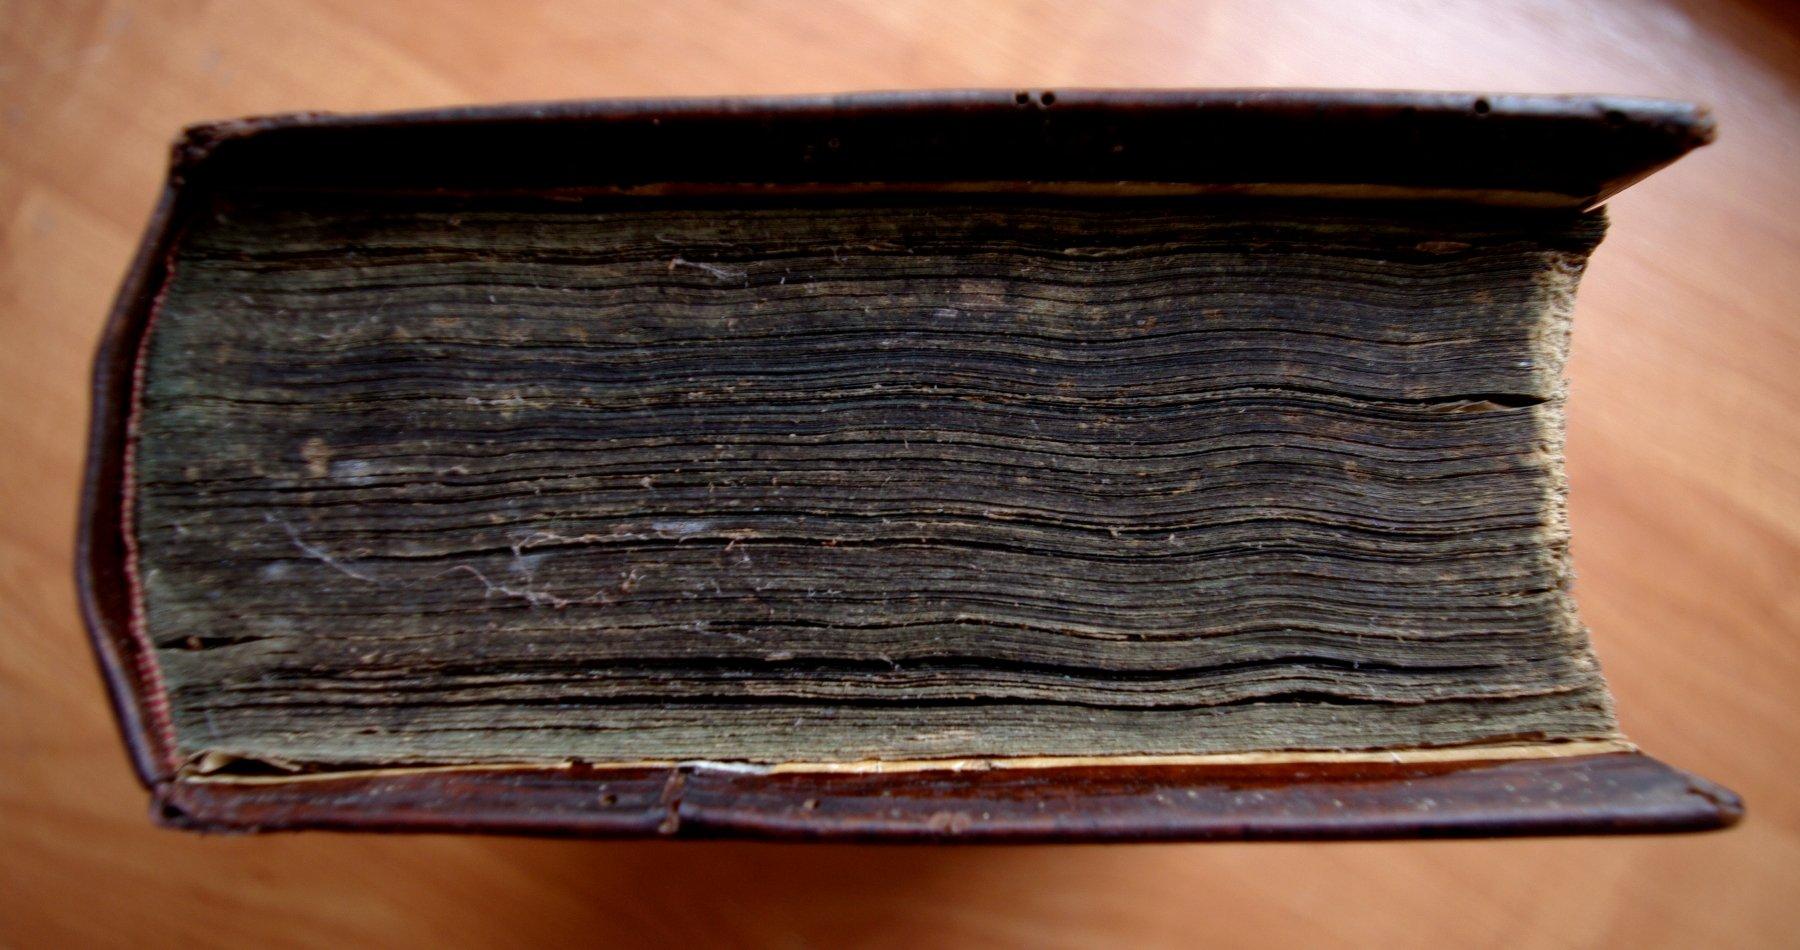 Псалтирь 19 века после реставрации. Общий вид.